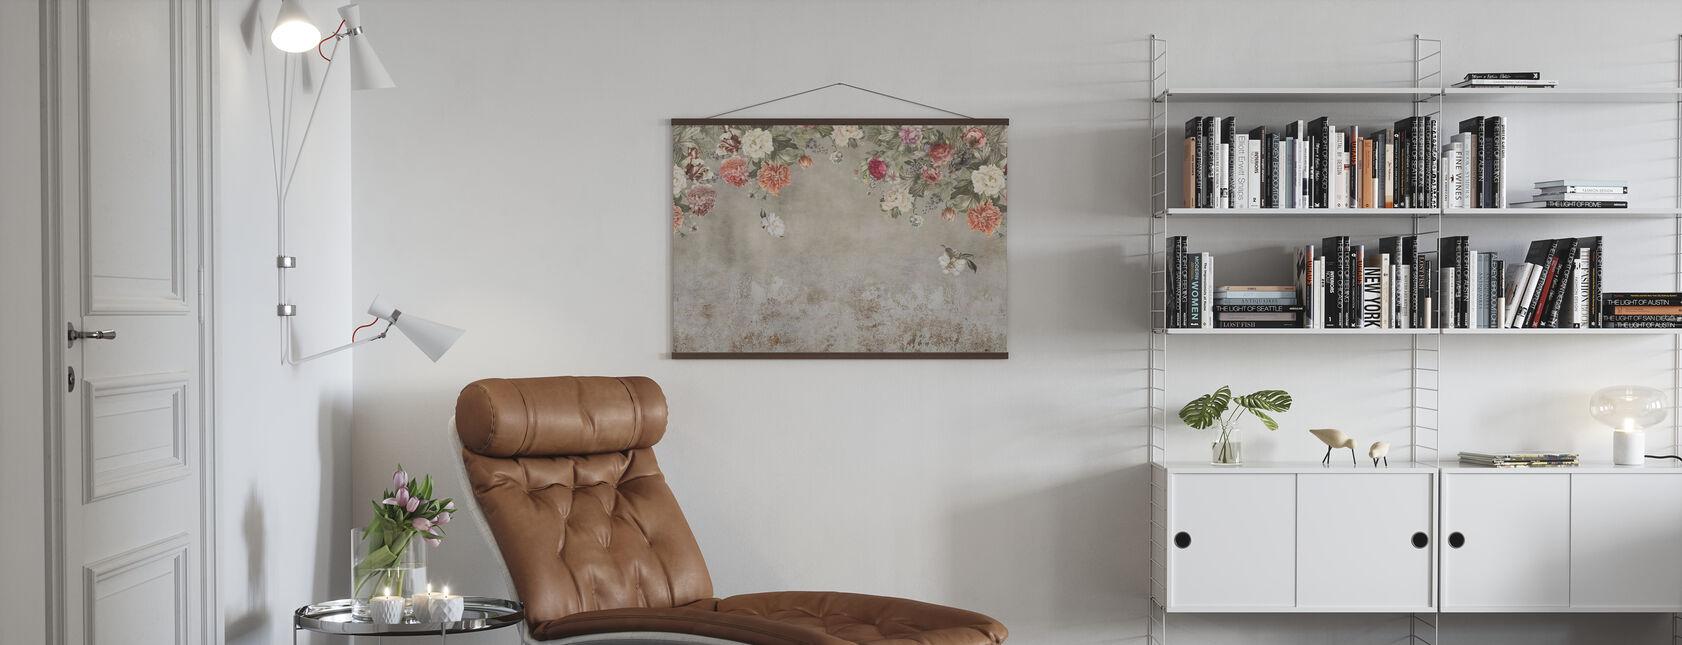 Pared de flores vintage - Póster - Salón